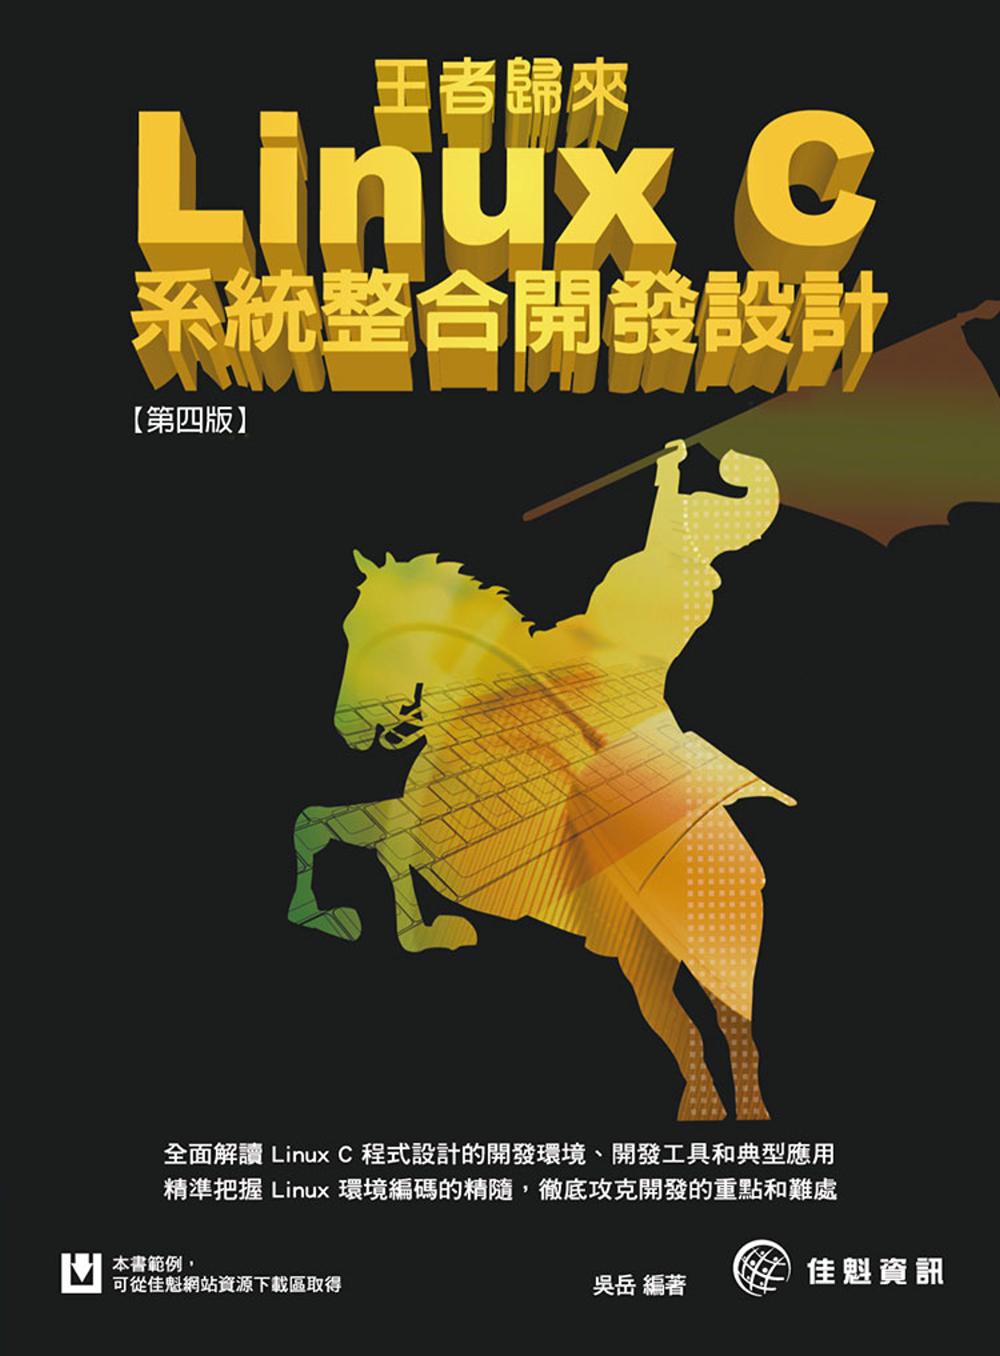 王者歸來-Linux C系統整合開發設計-第四版